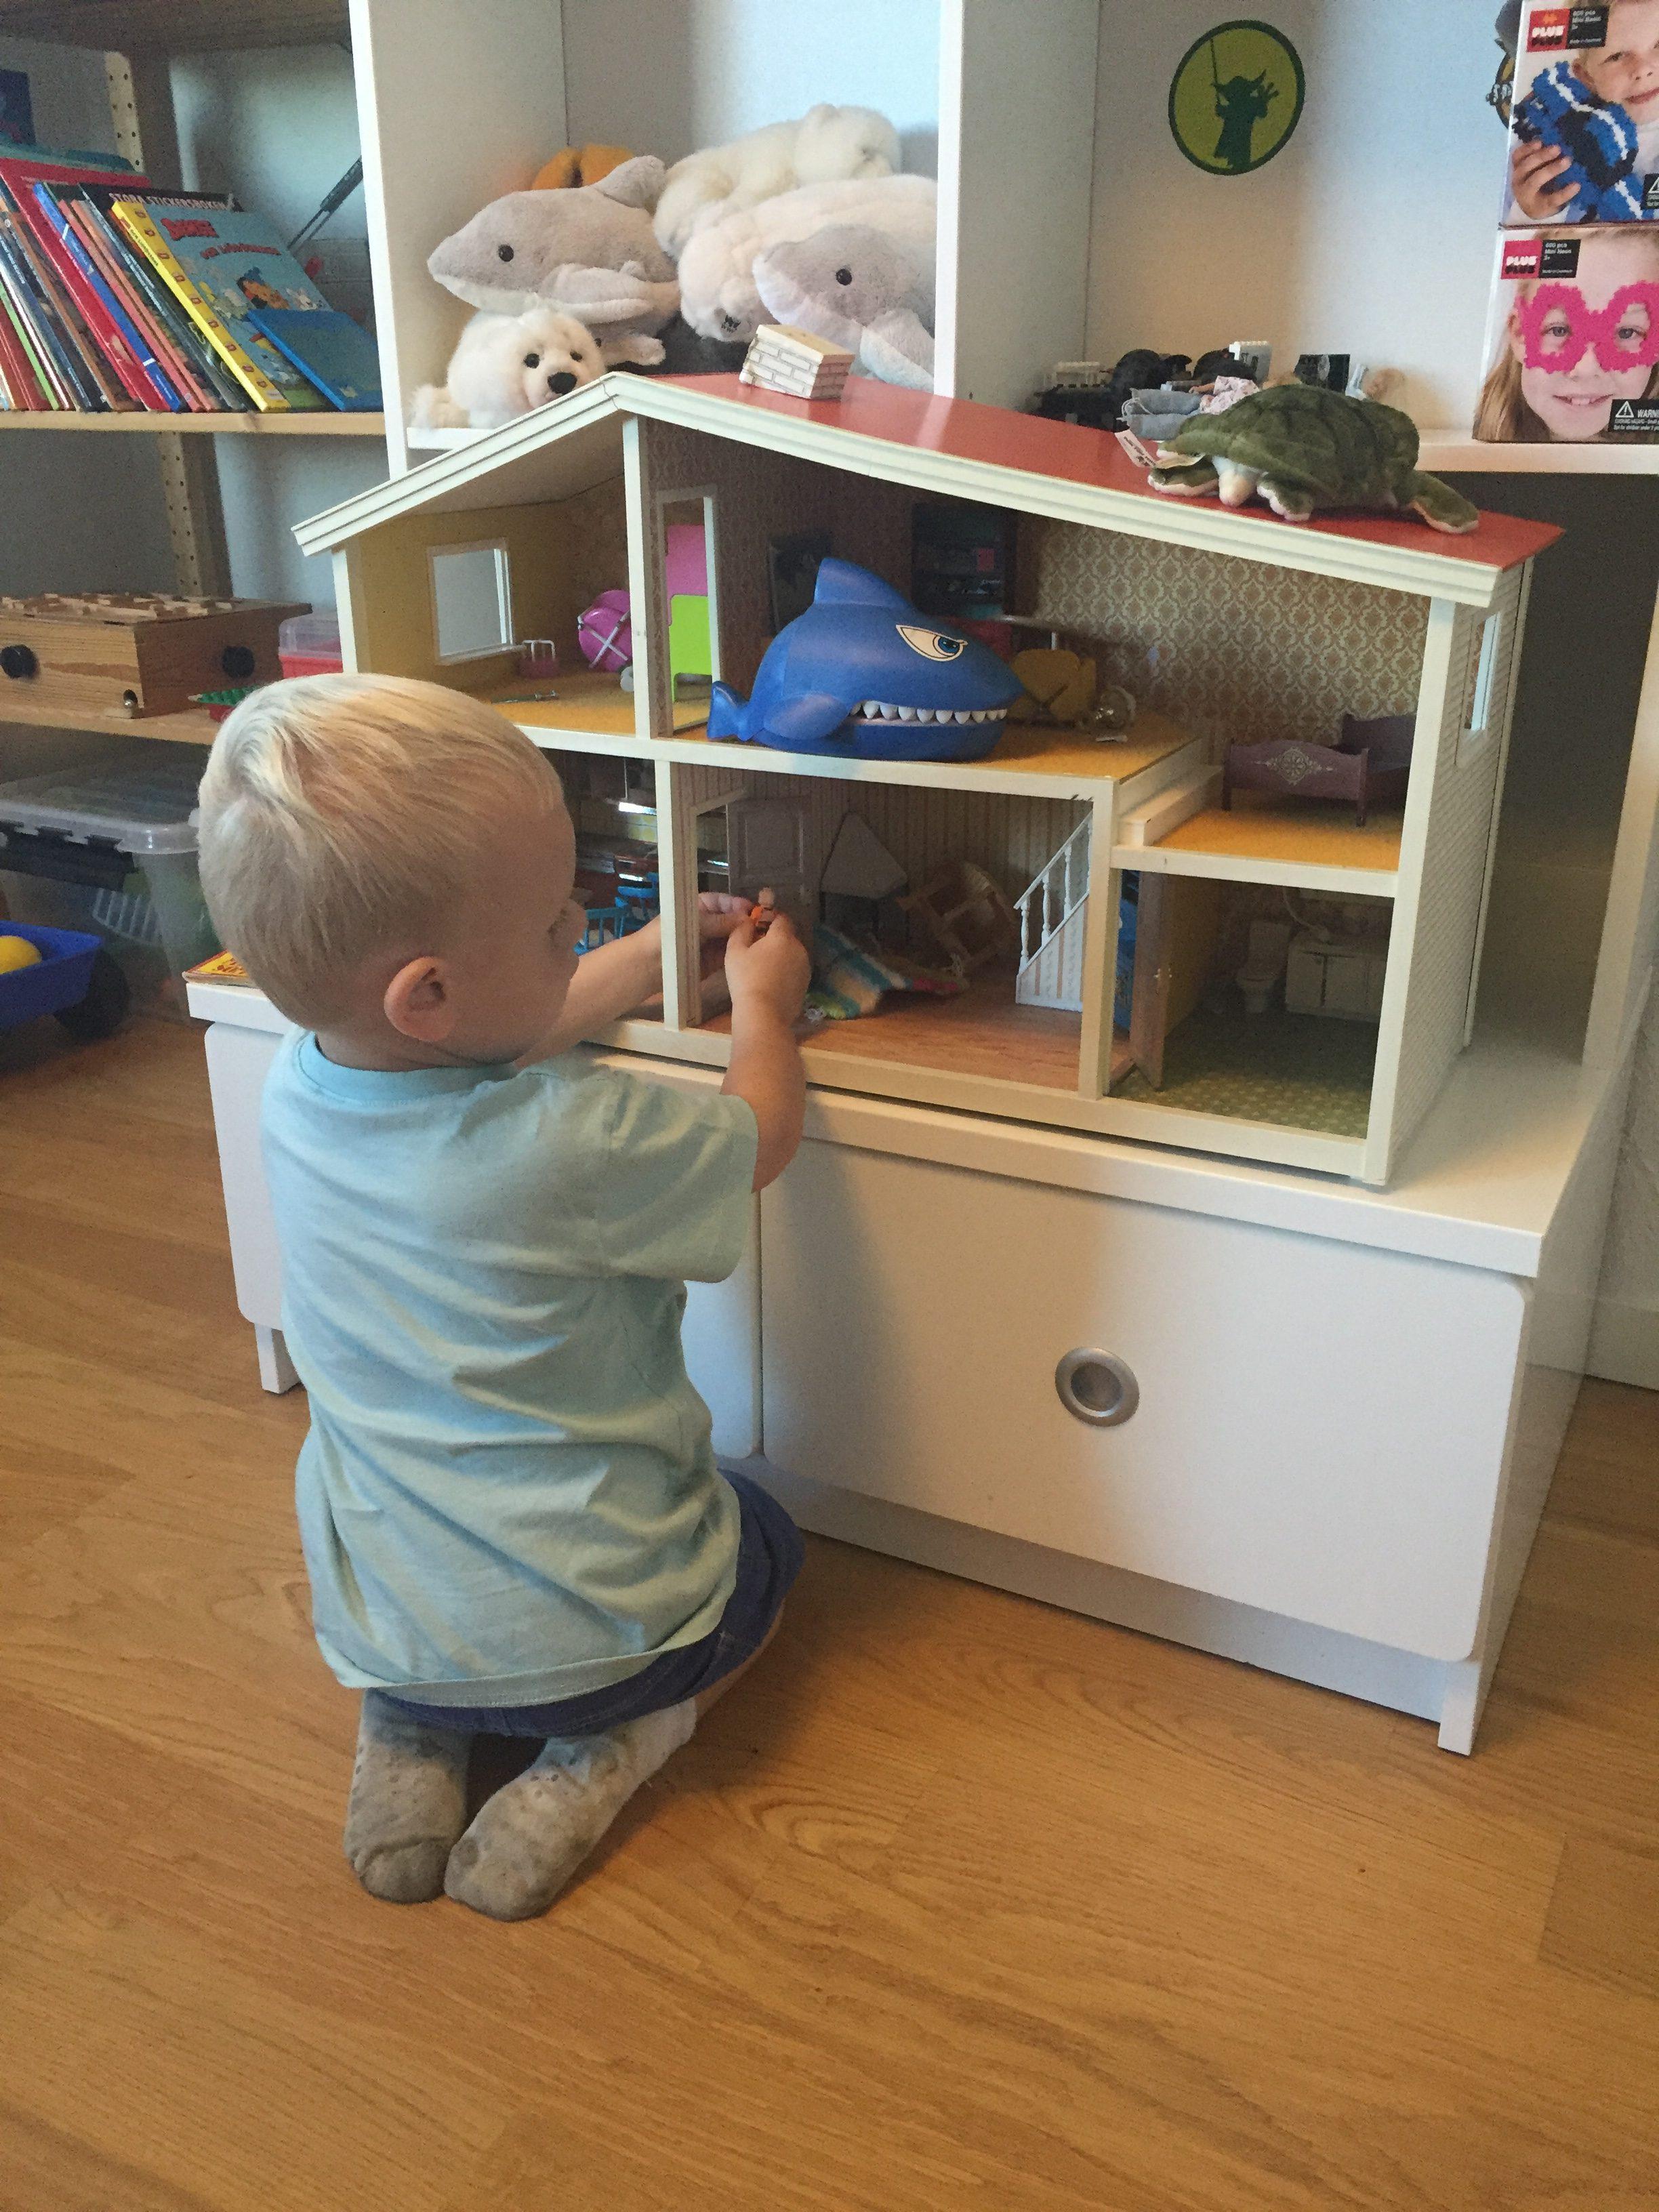 Kevin älskar att leka med mitt gamla dockskåp som står i lekrummet hos mina föräldrar.